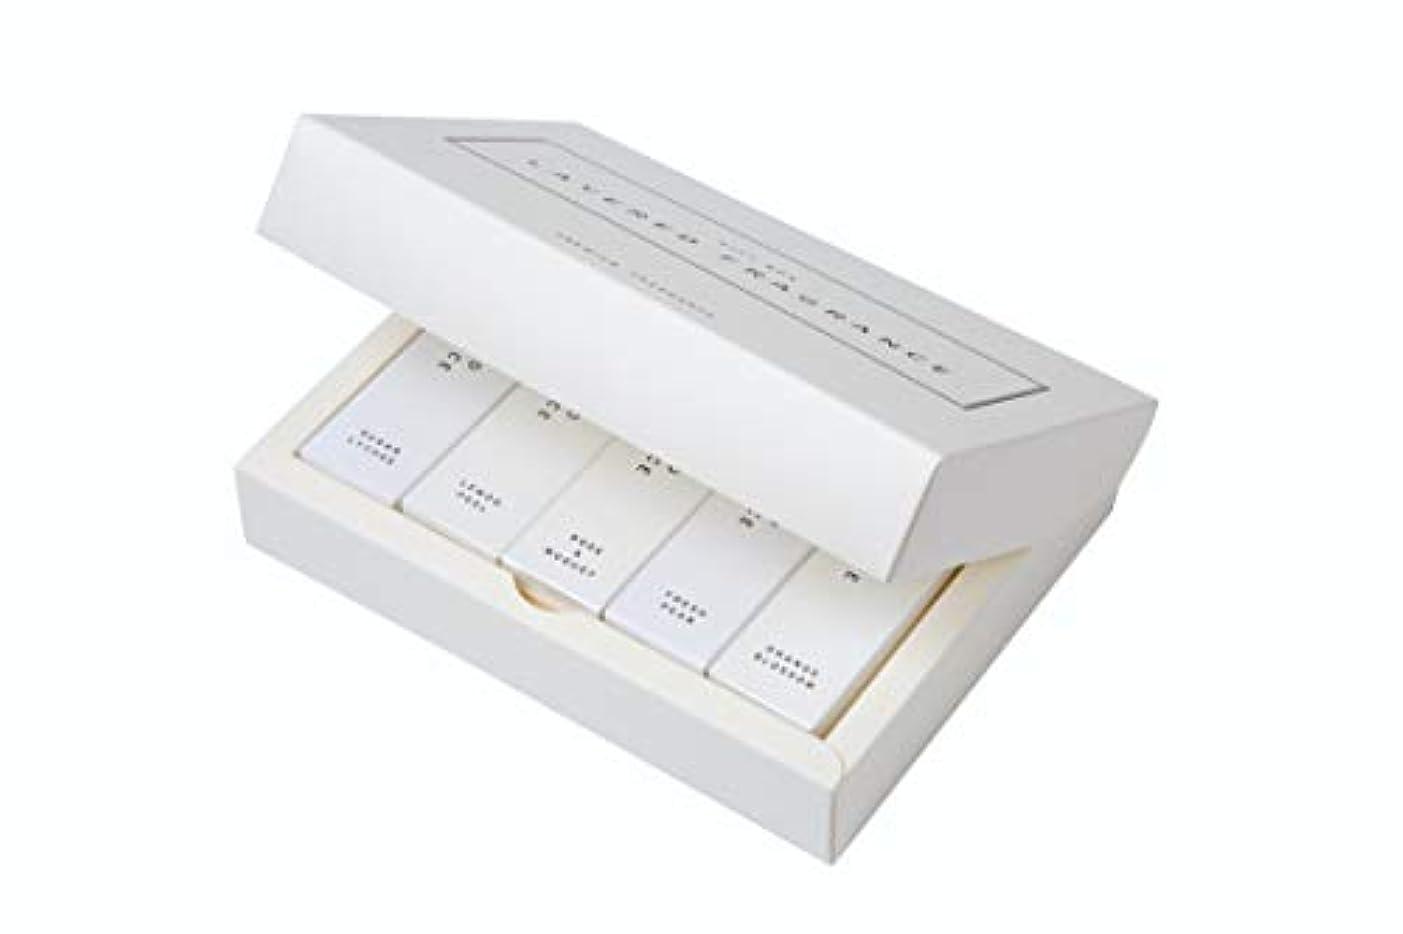 厳しい入射に対してレイヤードフレグランス ボディスプレー ミニサイズ 5本ギフトセット(BOX付) LAYERED FRAGRANCE BODY SPRAY MINI SIZE GIFT SET with GIFT BOX